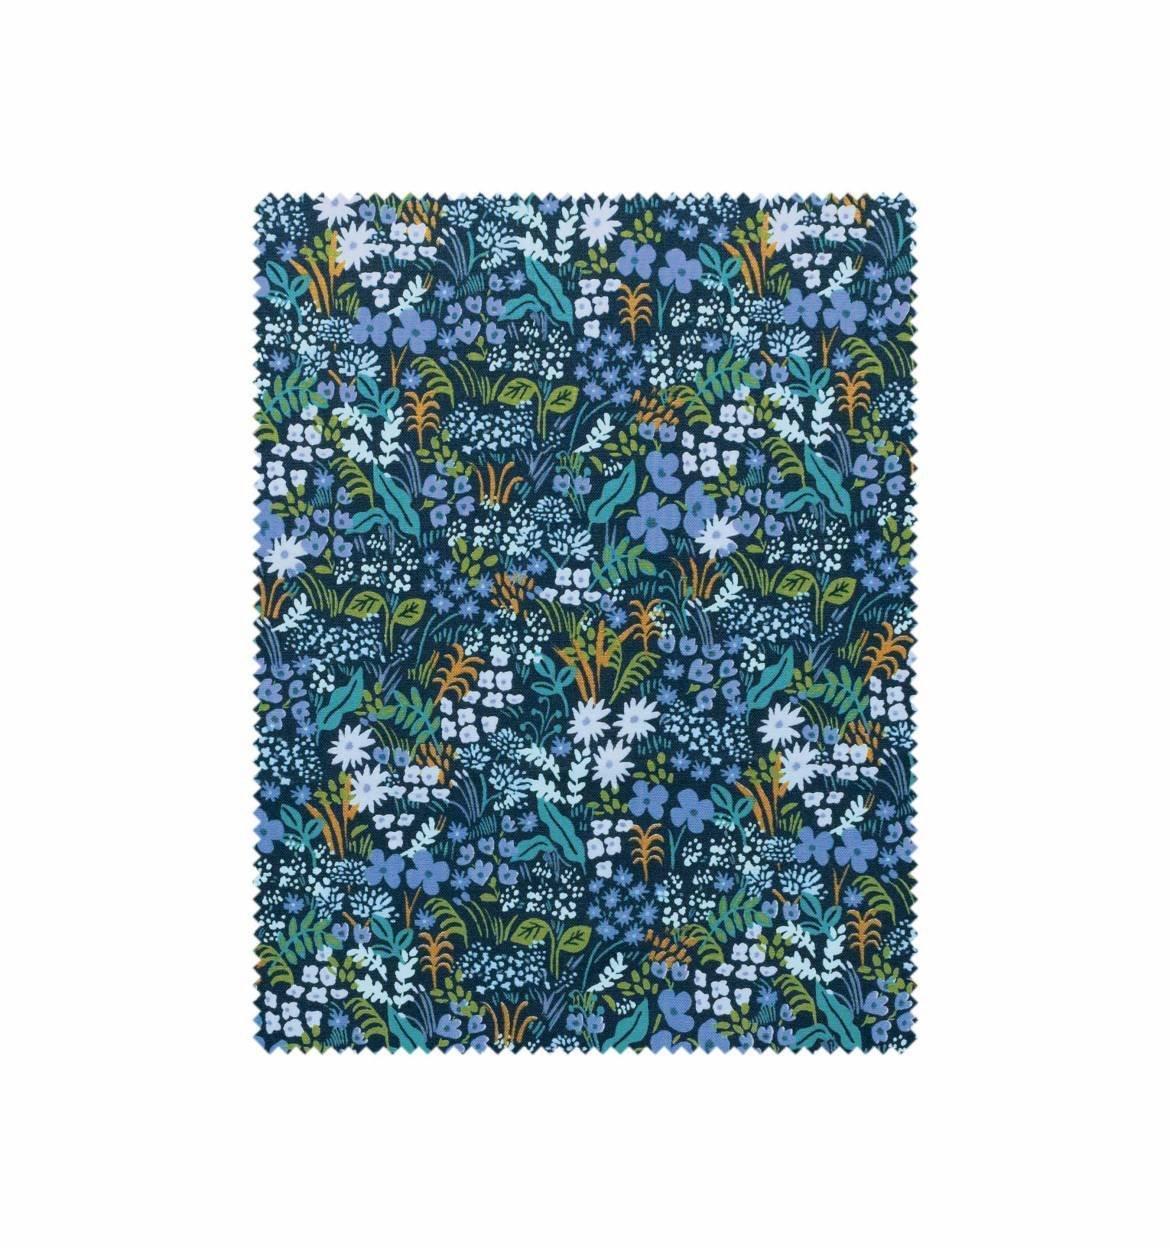 English Garden - Meadow - Blue - AB8059-002